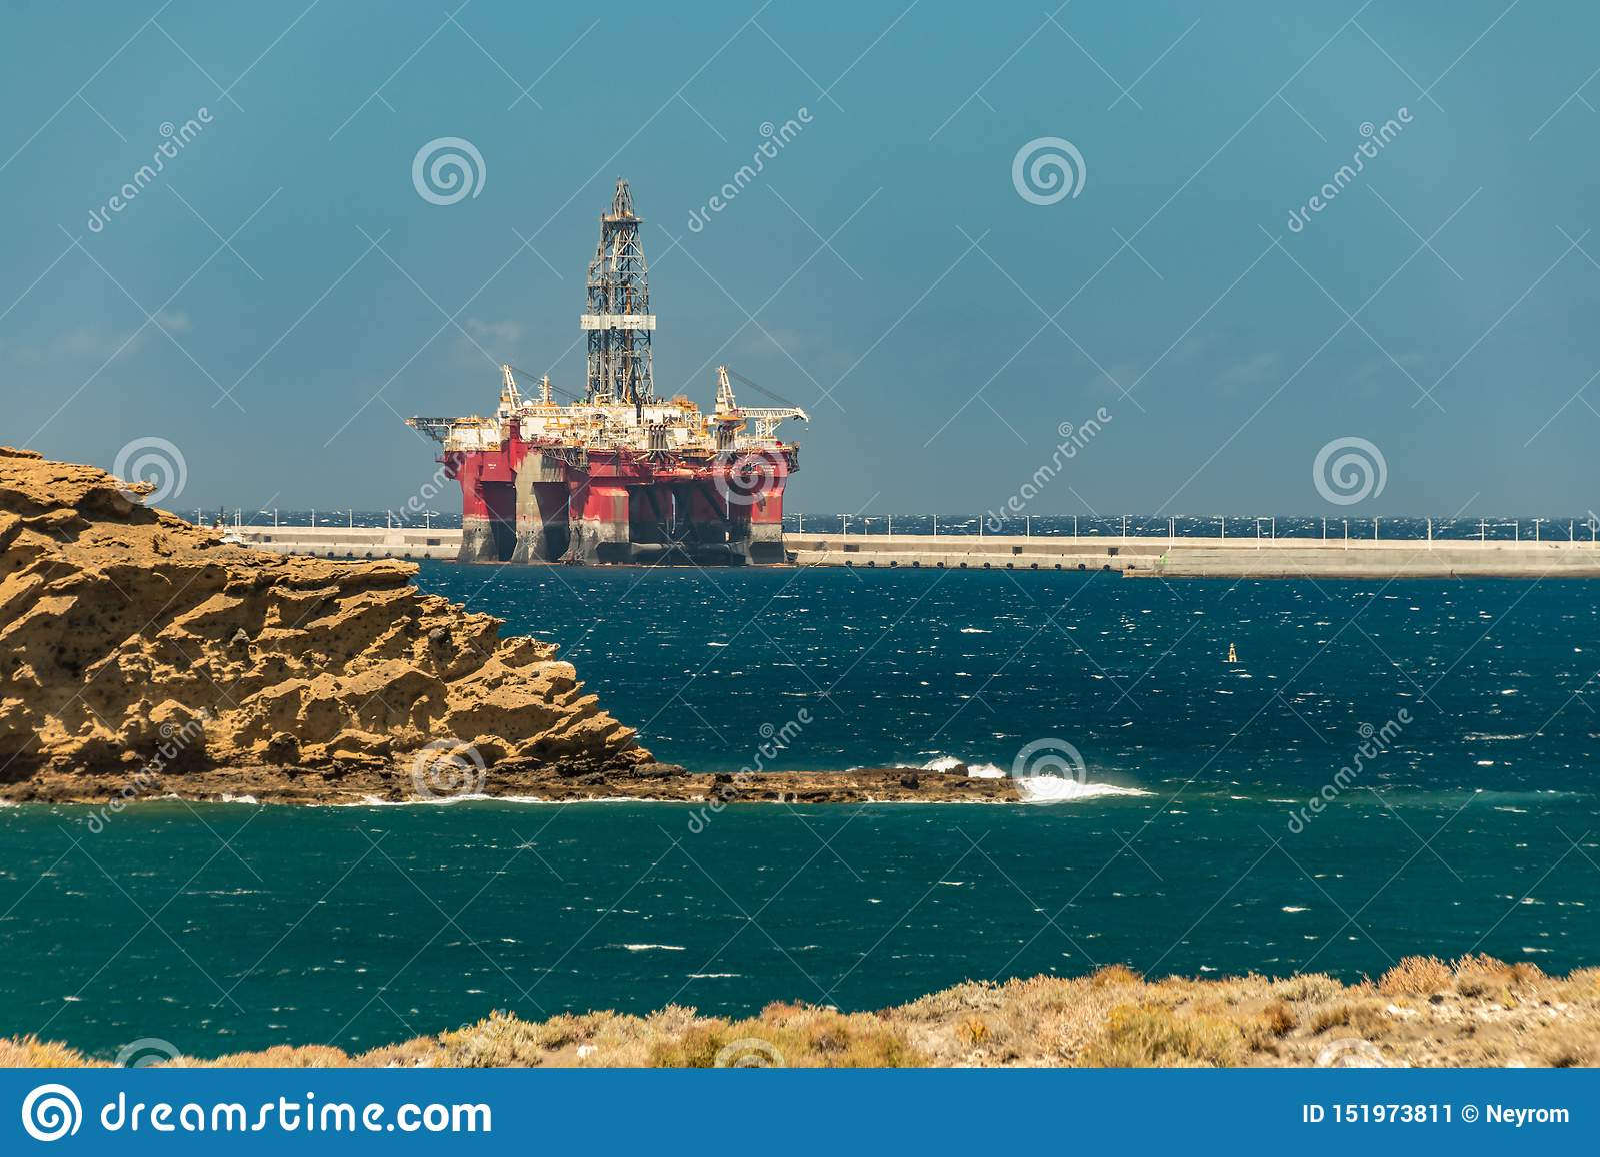 Sikt från kusten av den frånlands- riggen för olja som förtöjas i porten av granadillaen på Tenerife